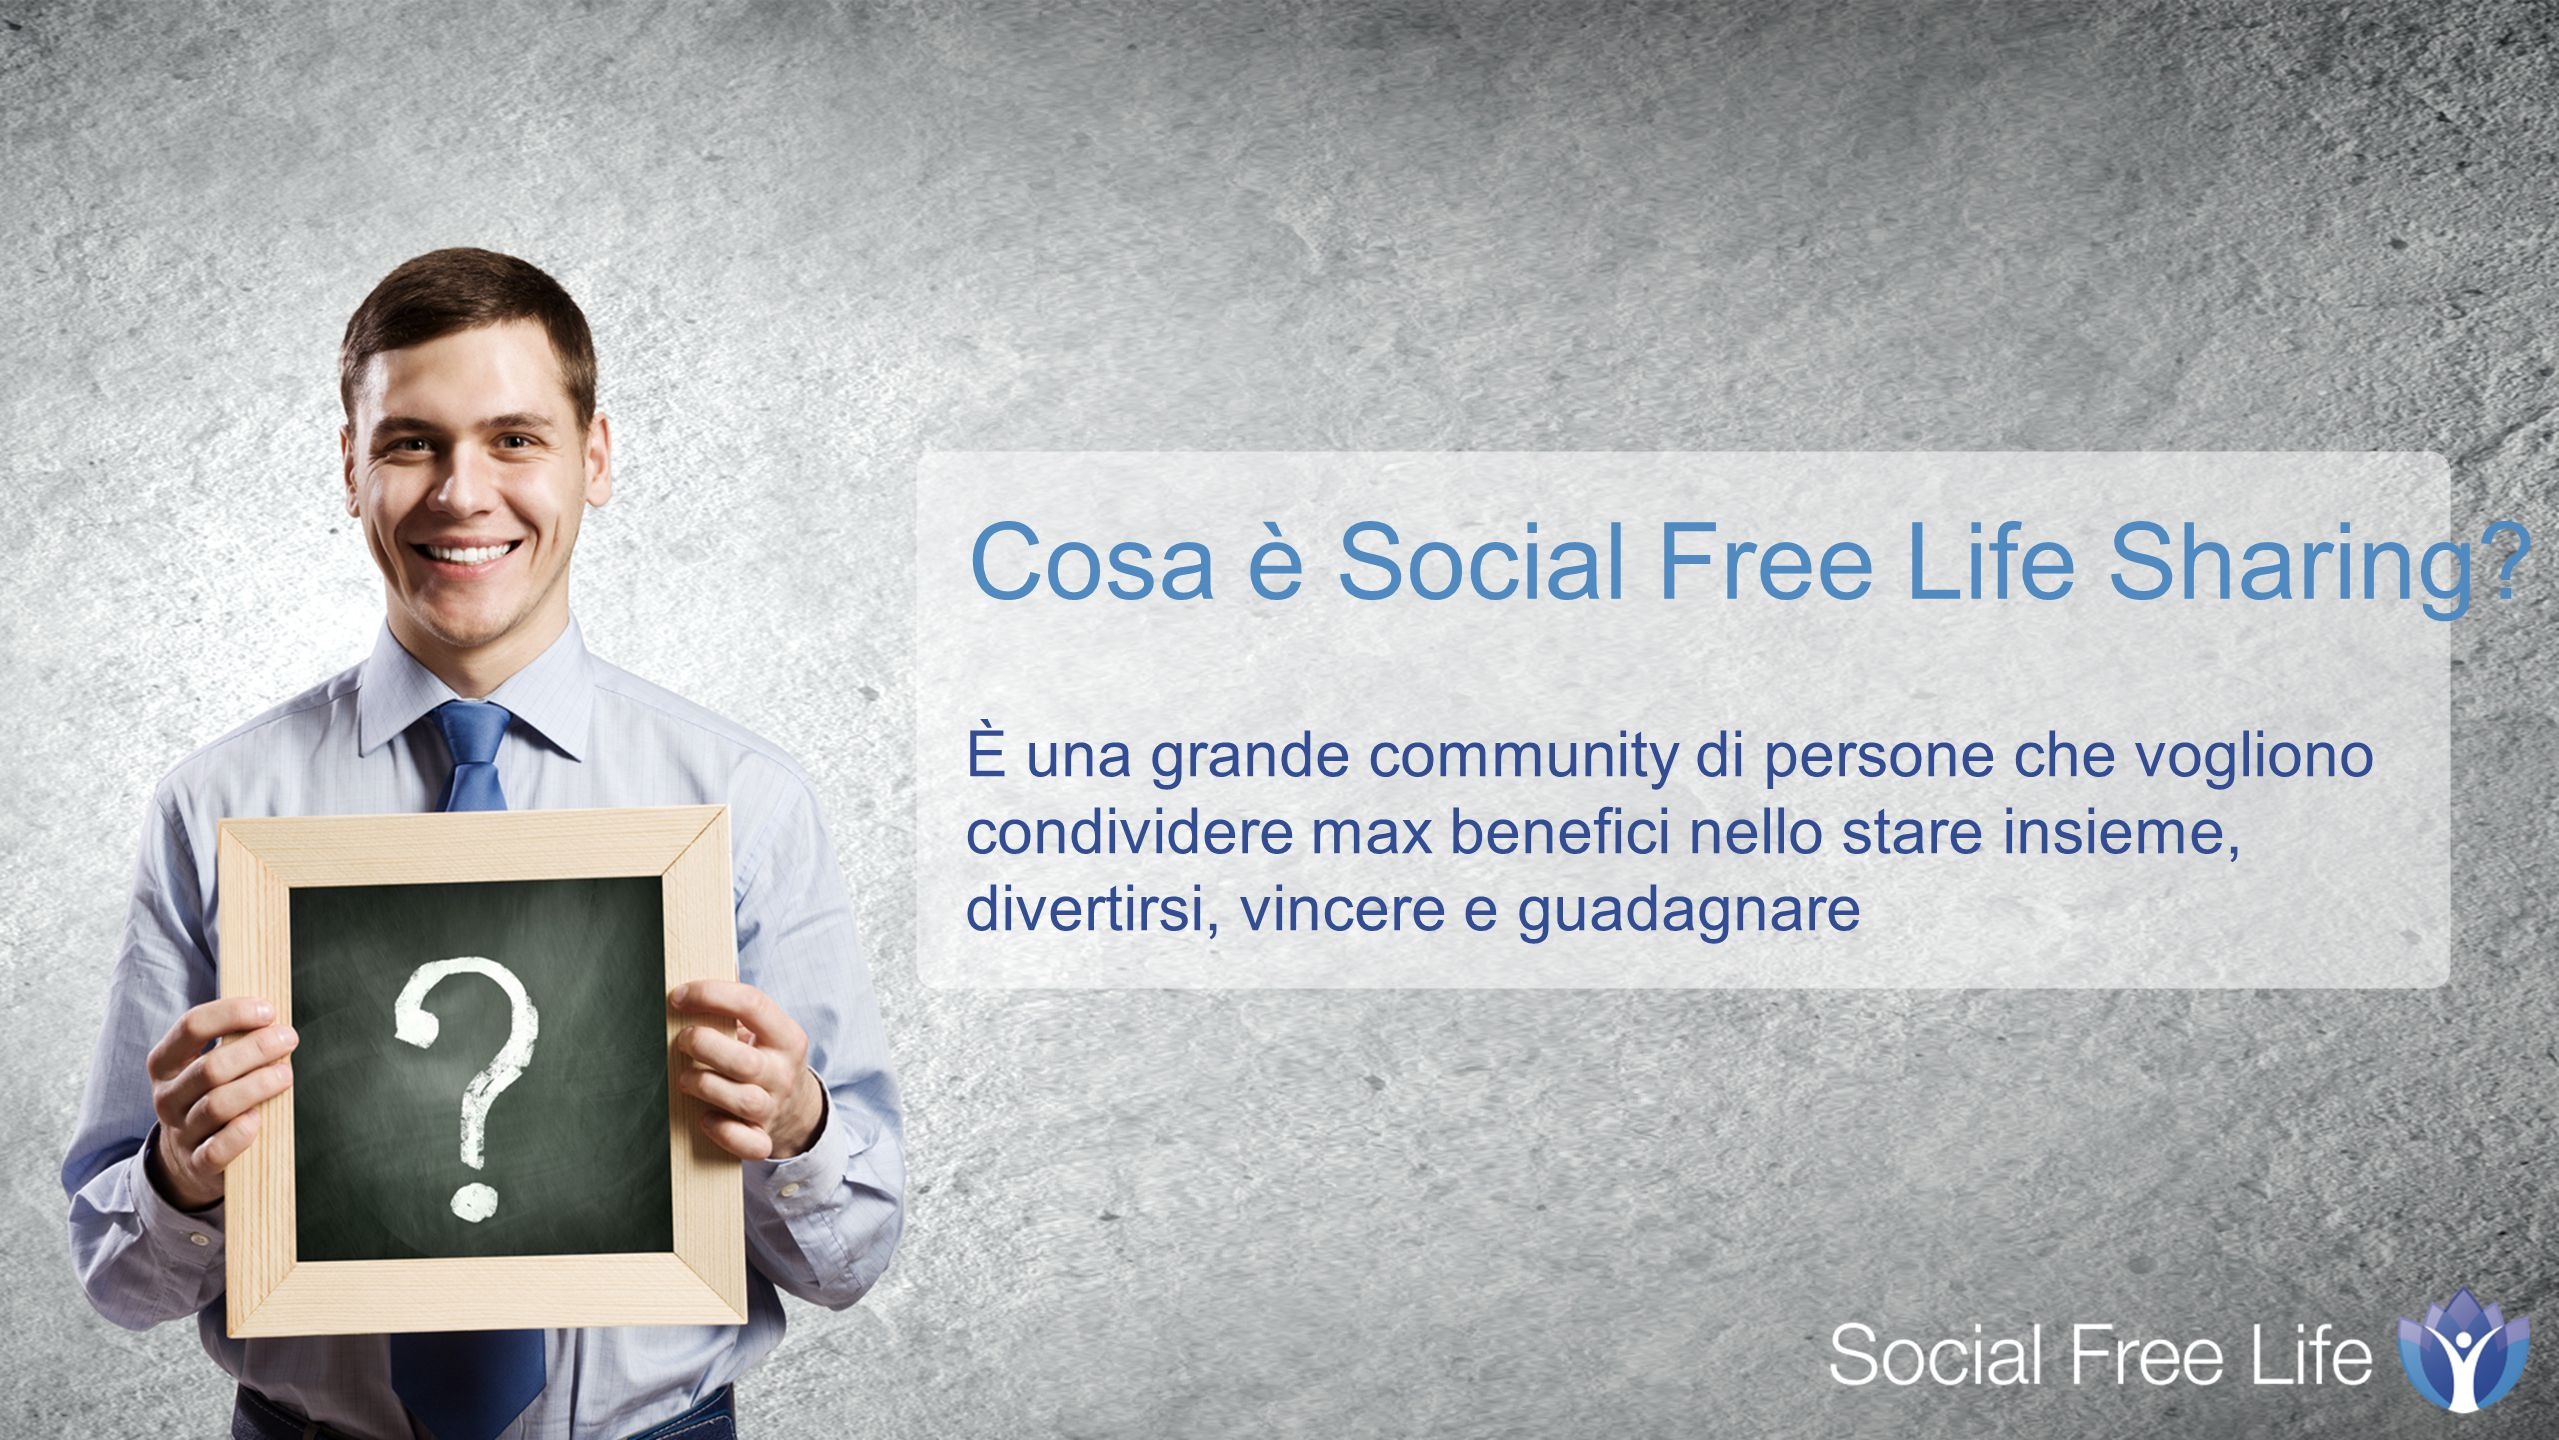 È una grande community di persone che vogliono condividere max benefici nello stare insieme, divertirsi, vincere e guadagnare Cosa è Social Free Life Sharing